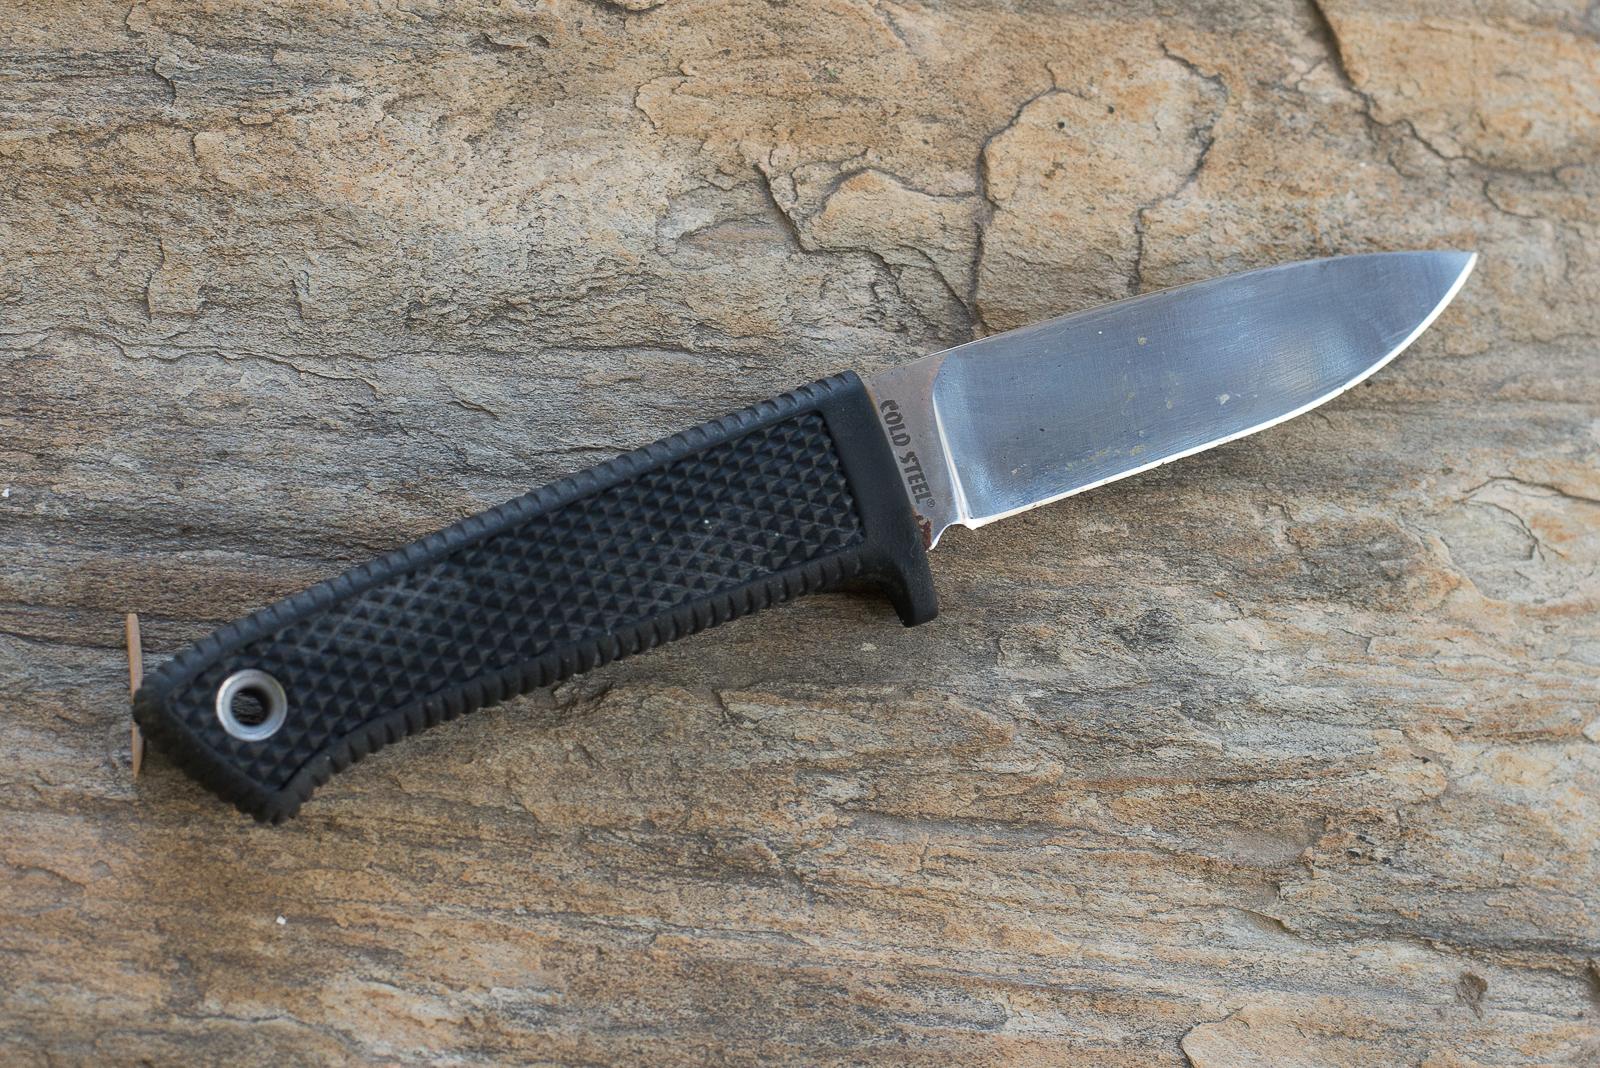 Knife-1216.jpg